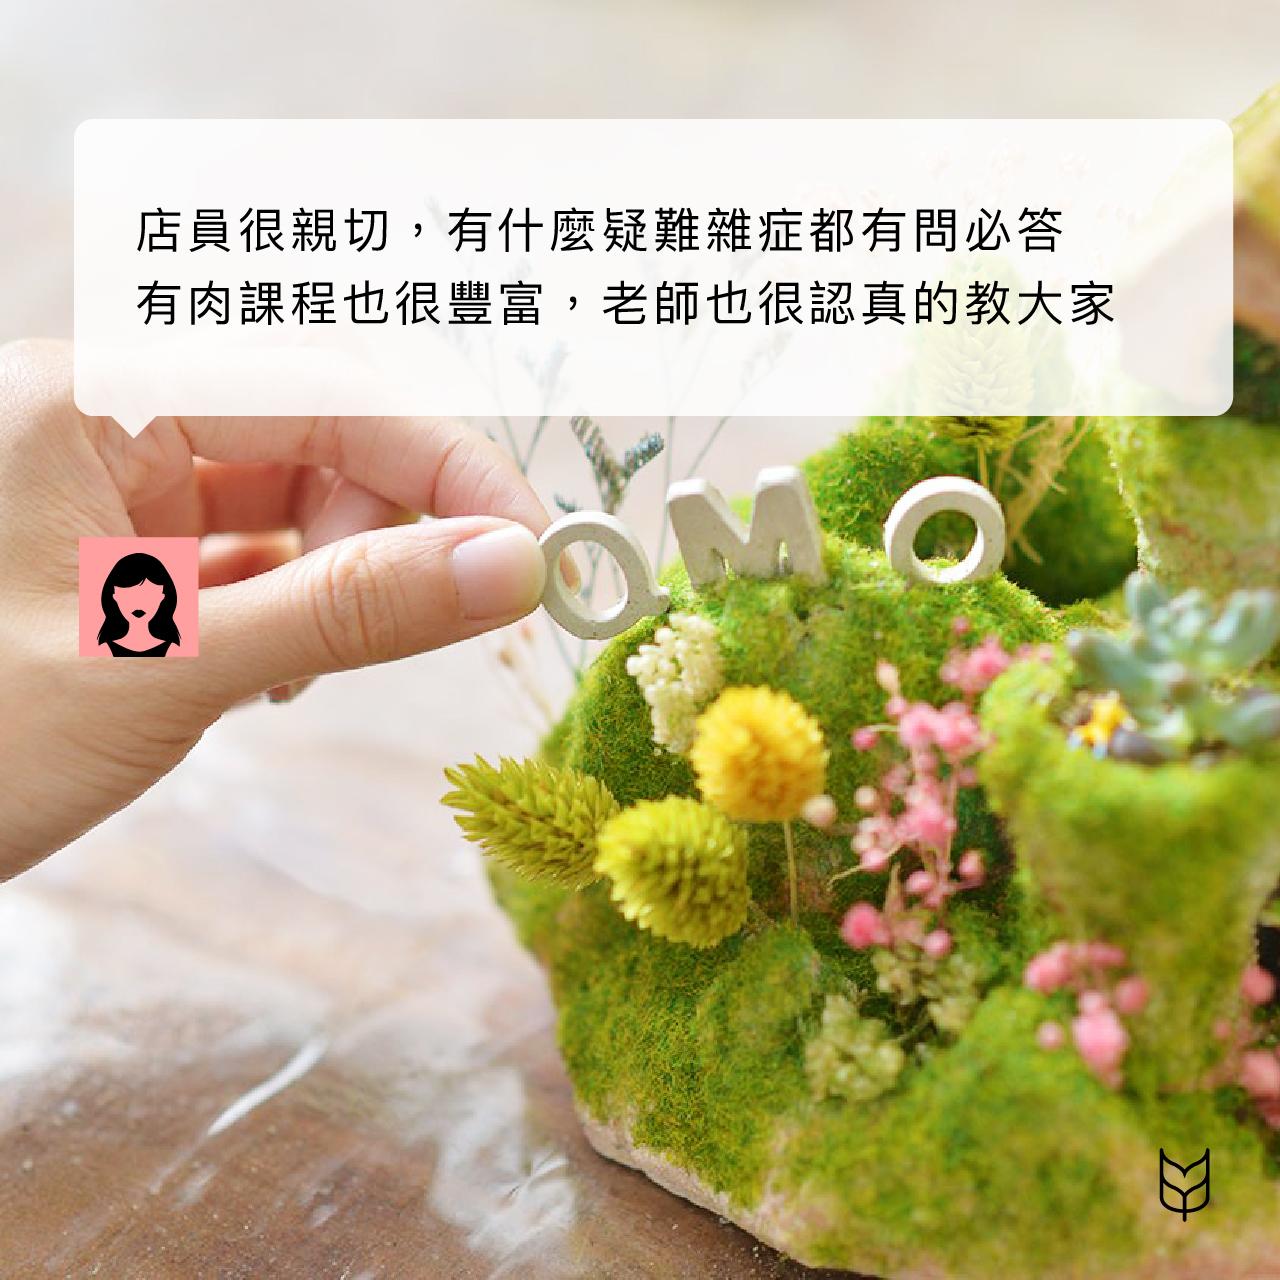 手作課程在台北!推薦給喜歡植物的妳 v1 03 1